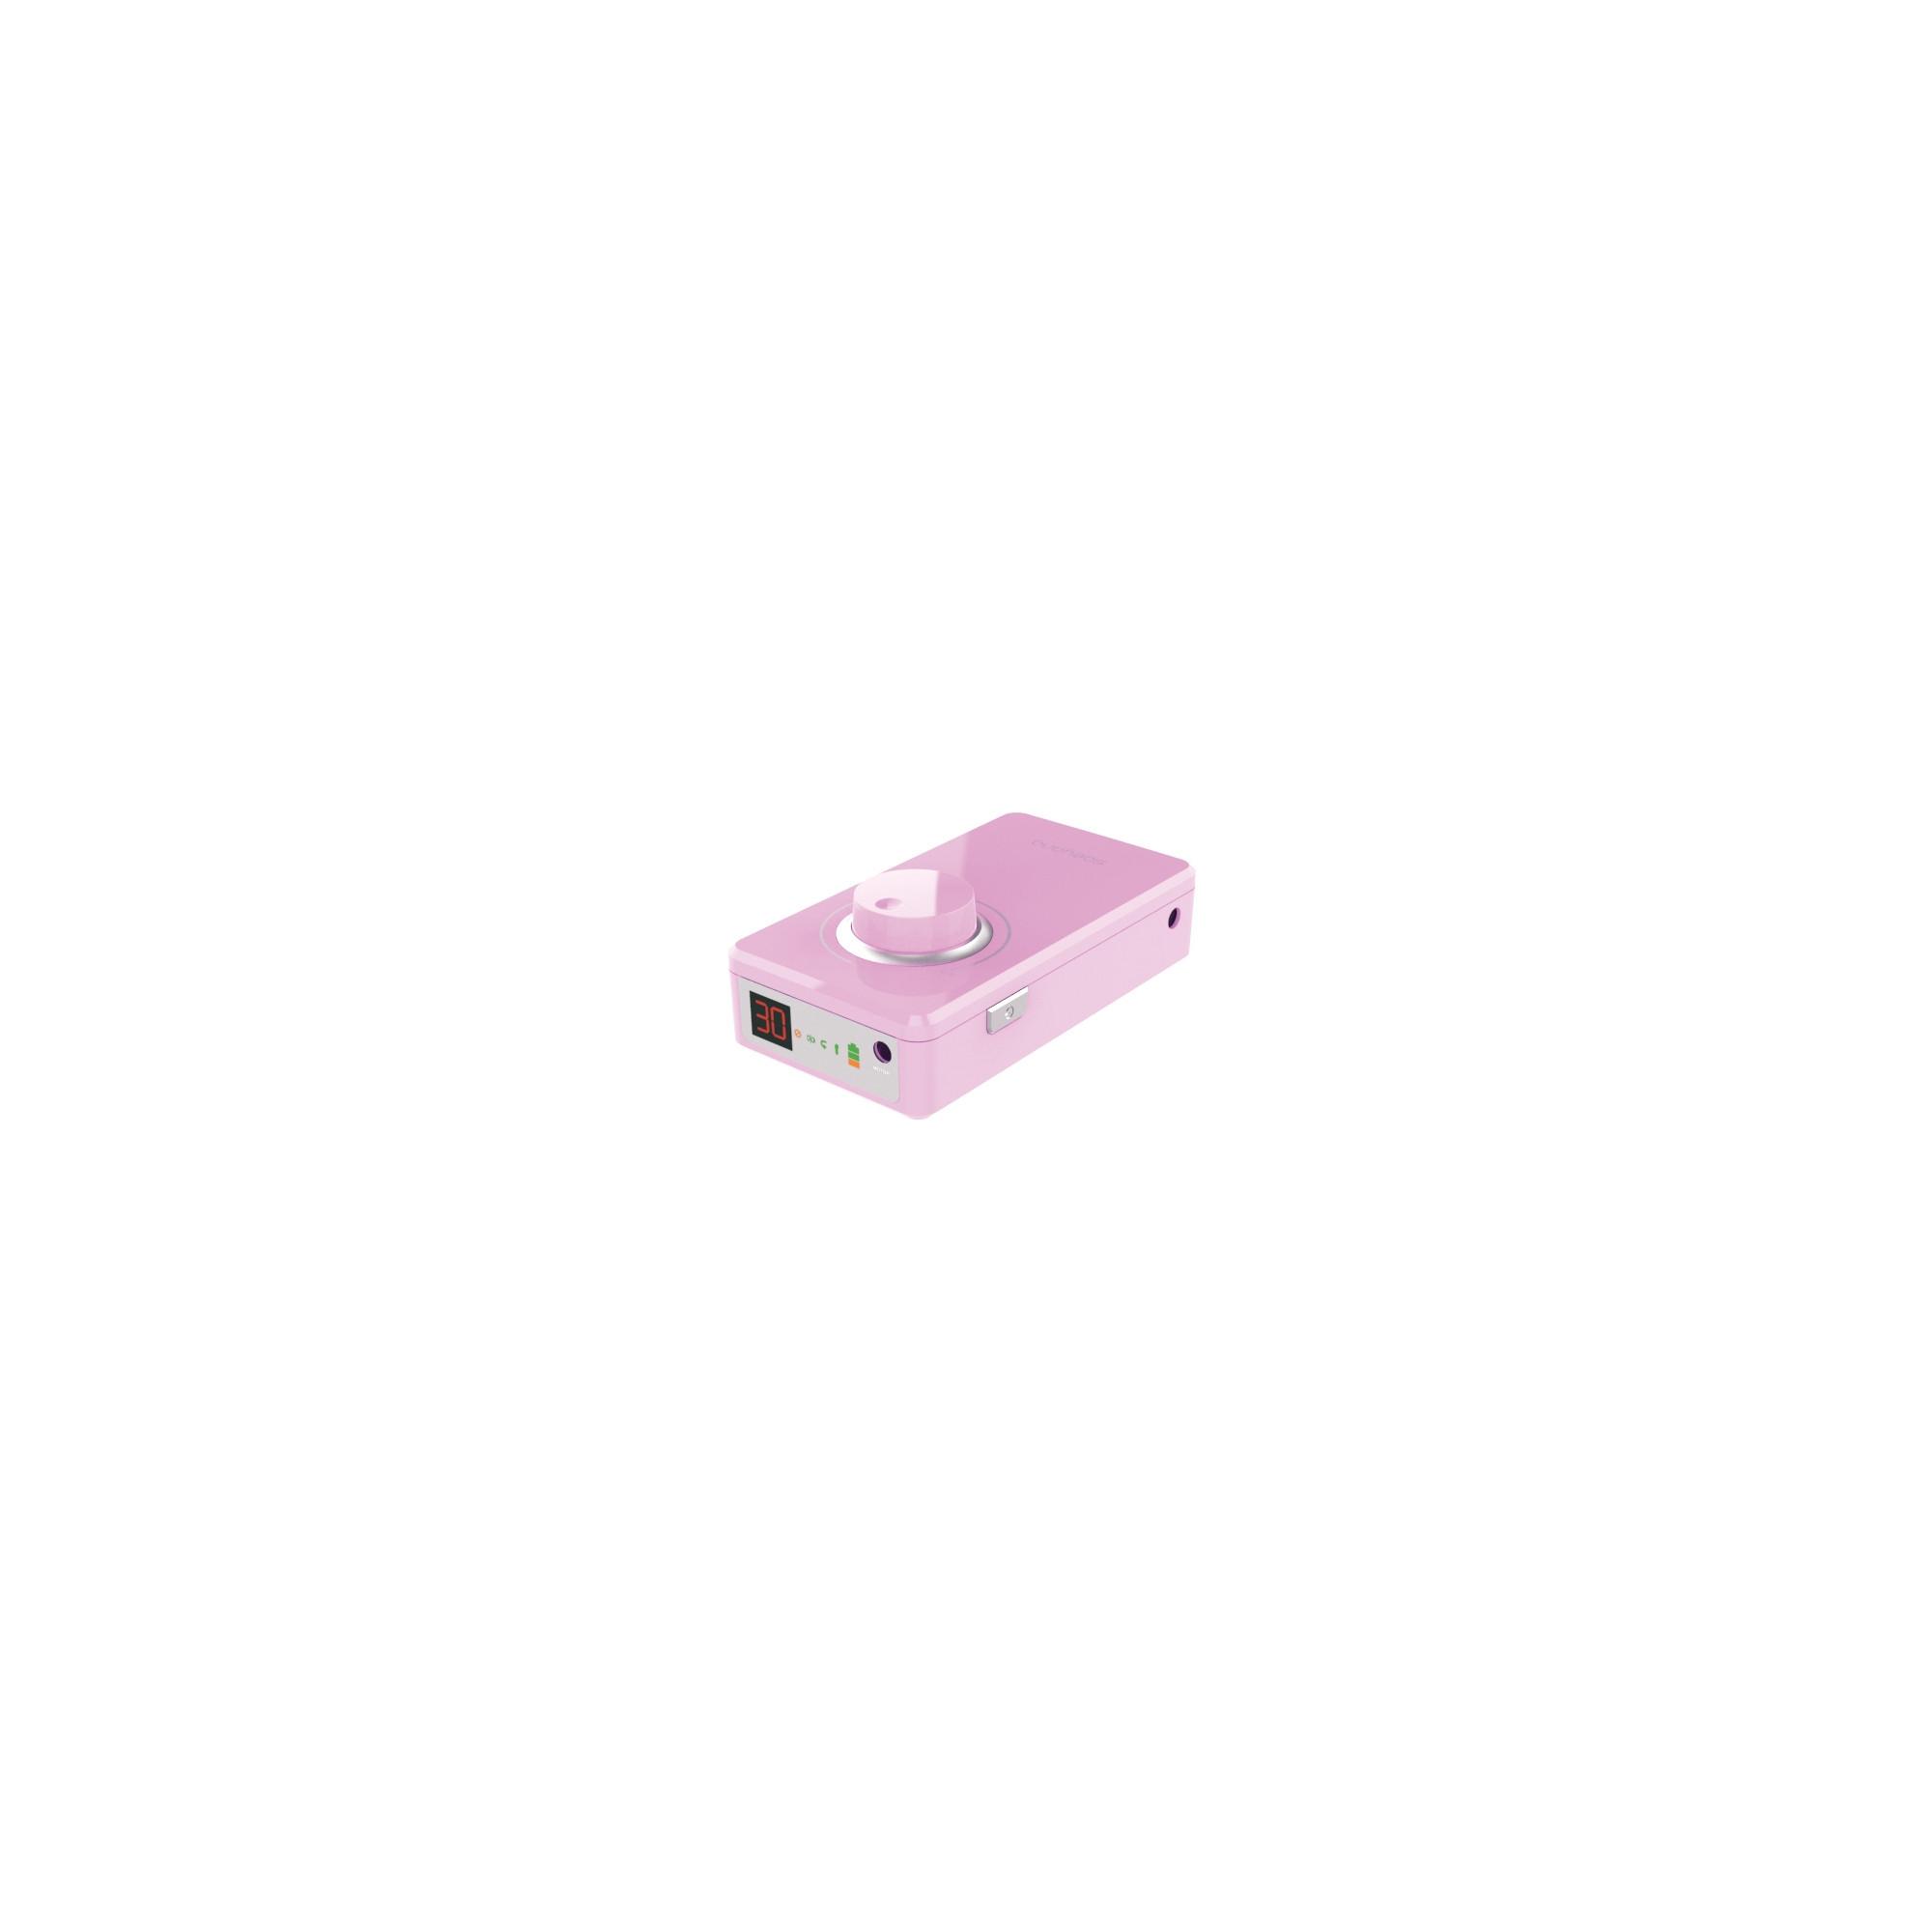 Micromoteur portable K38 - Rose - 30 000 tr/min - Avec pièce à main démontable